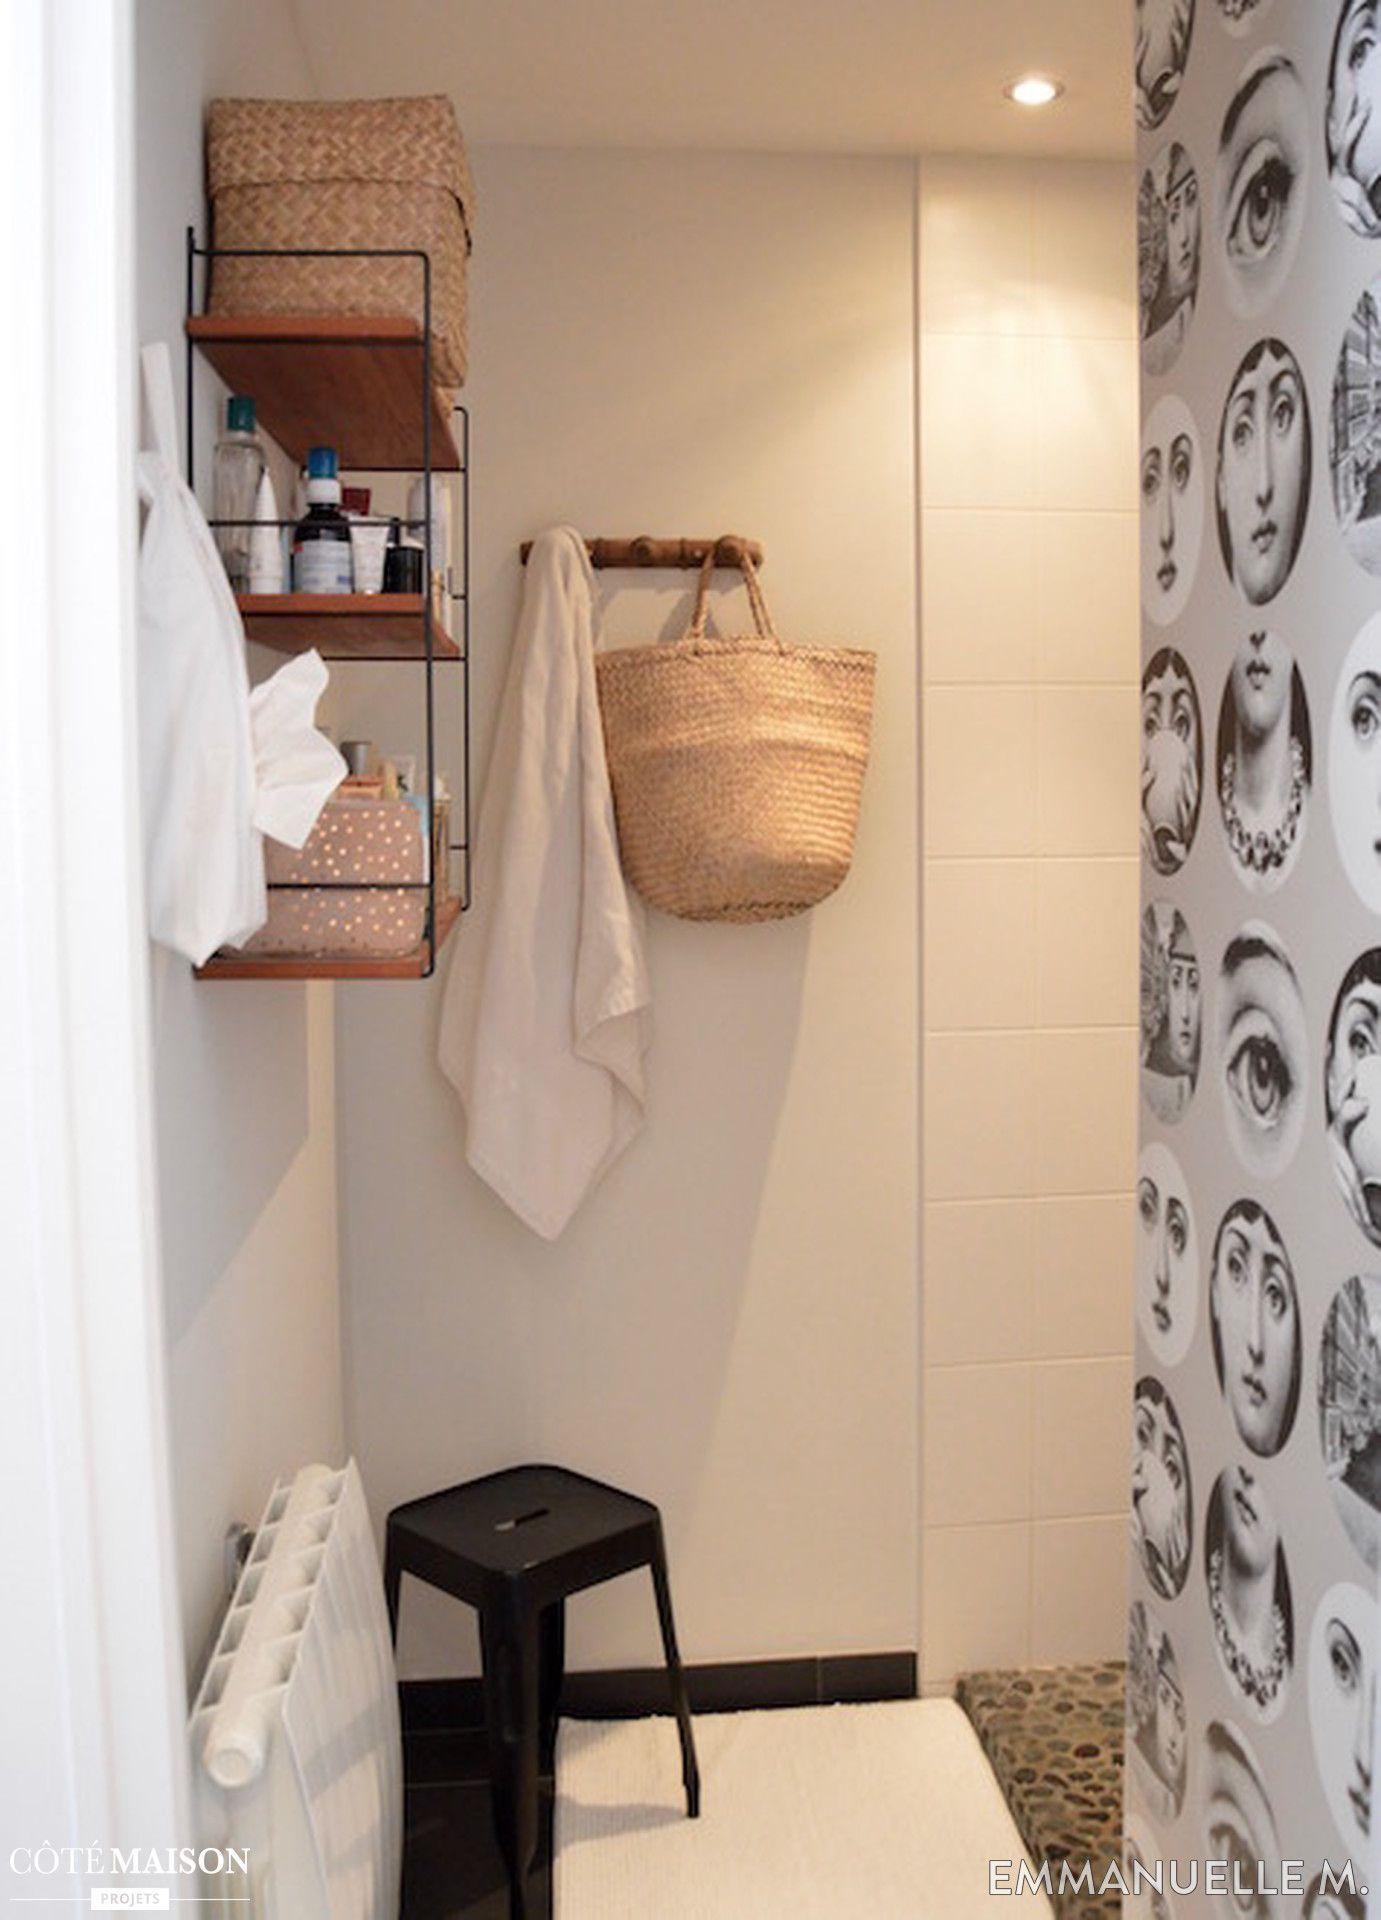 Petite Salle De Bains Relookée Emmanuelle M Côté Maison - Cote maison salle de bain